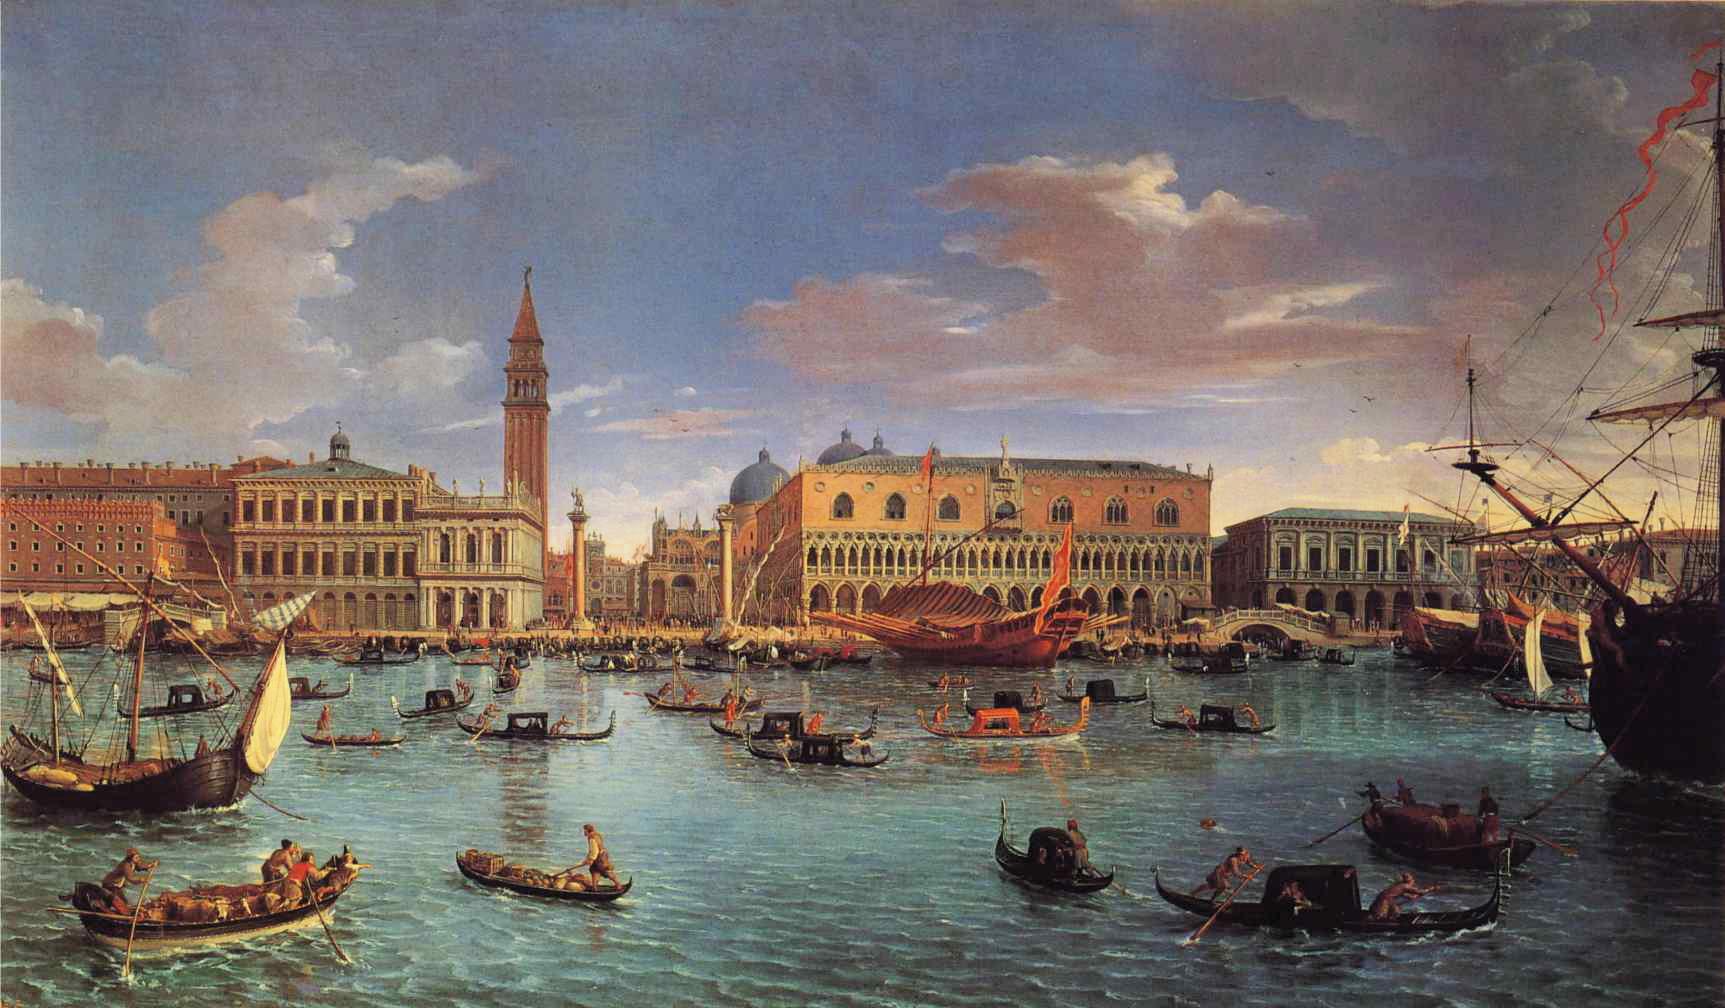 เวนิส-ภาพเขียนโบราณ